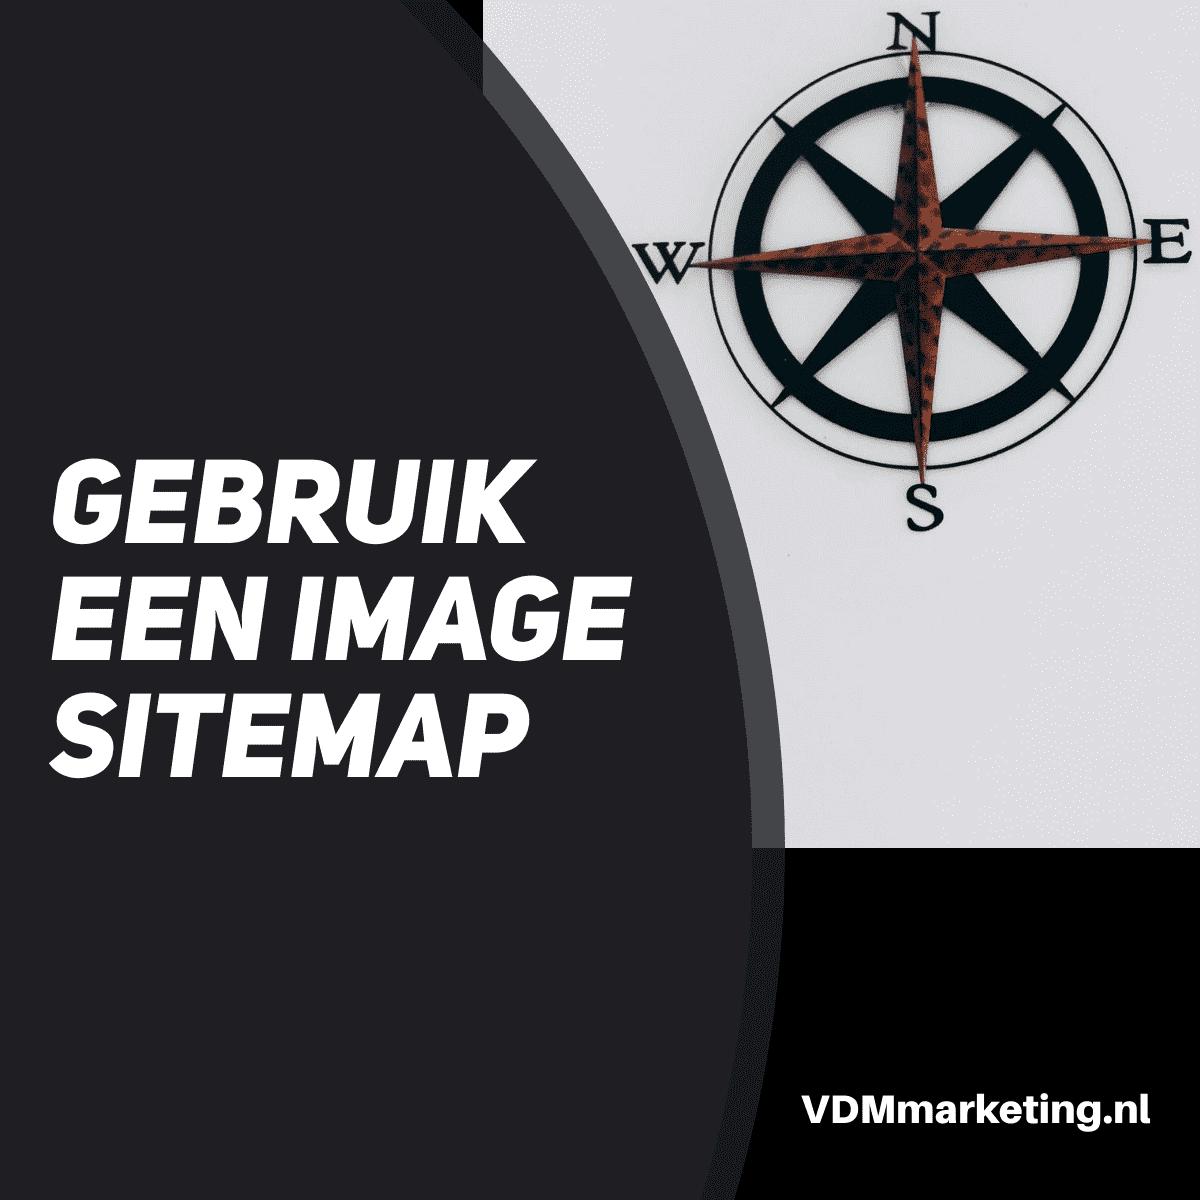 gebruik een image sitemap